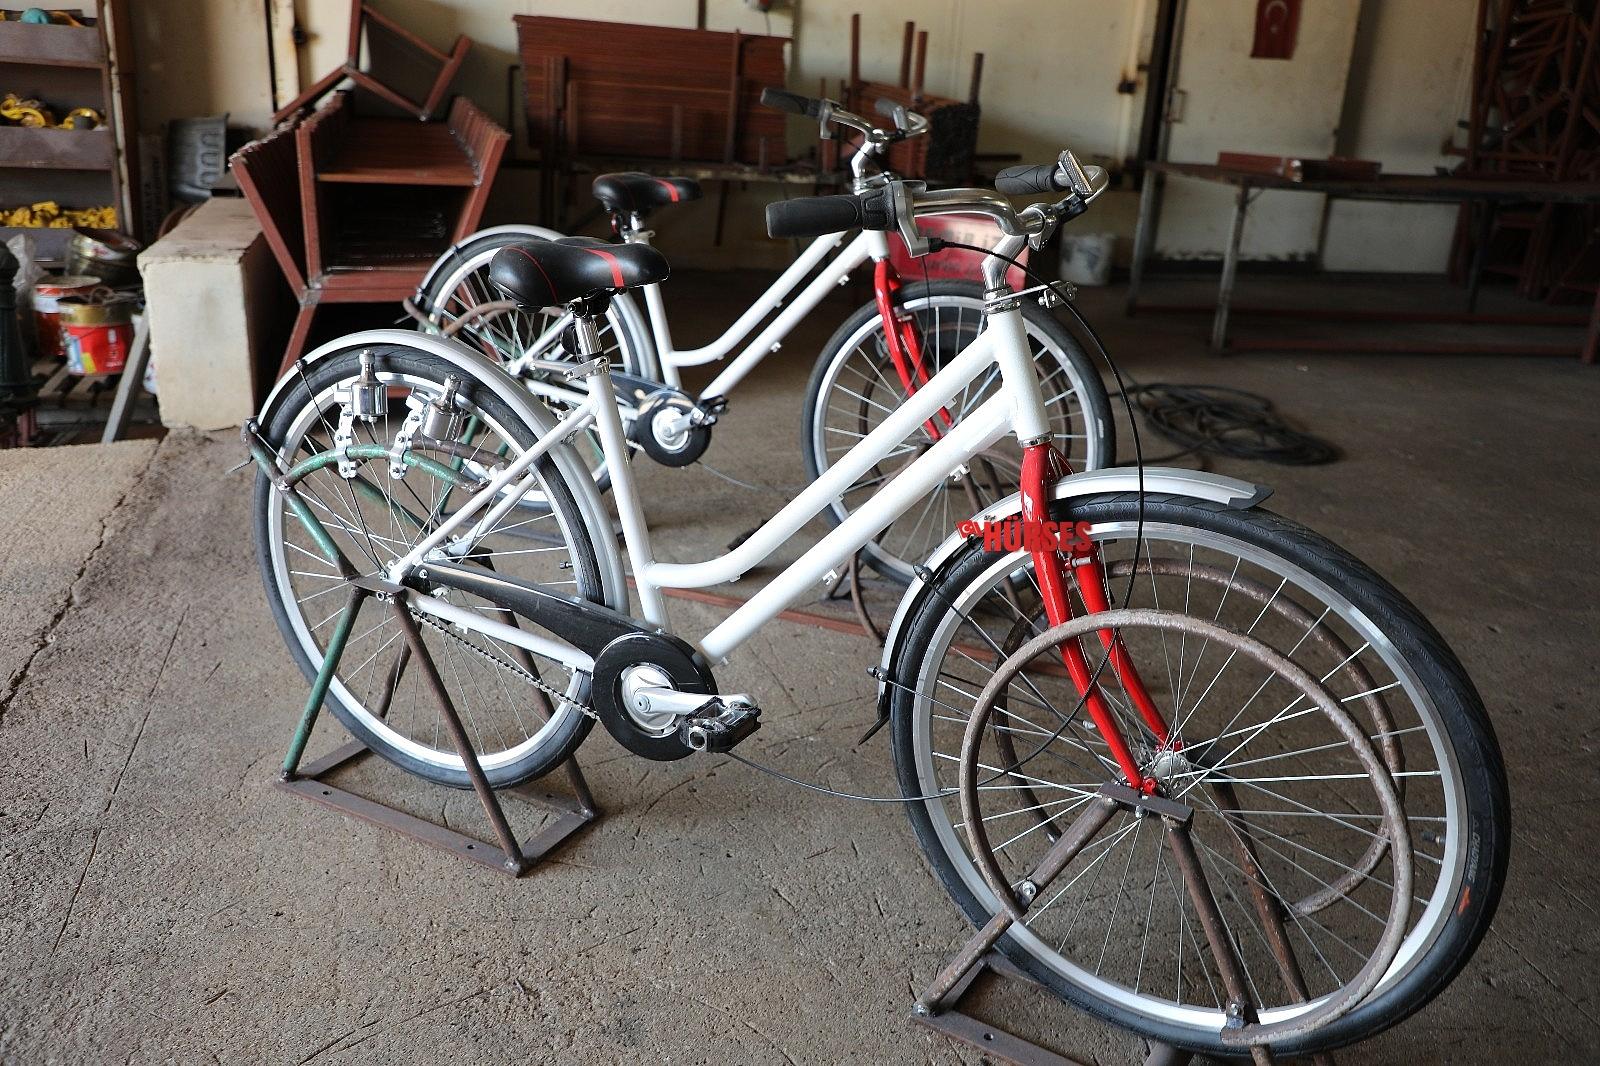 2021/07/elektrik-ureten-bisiklet-telefon-sarj-edecek-20210709AW36-2.jpg